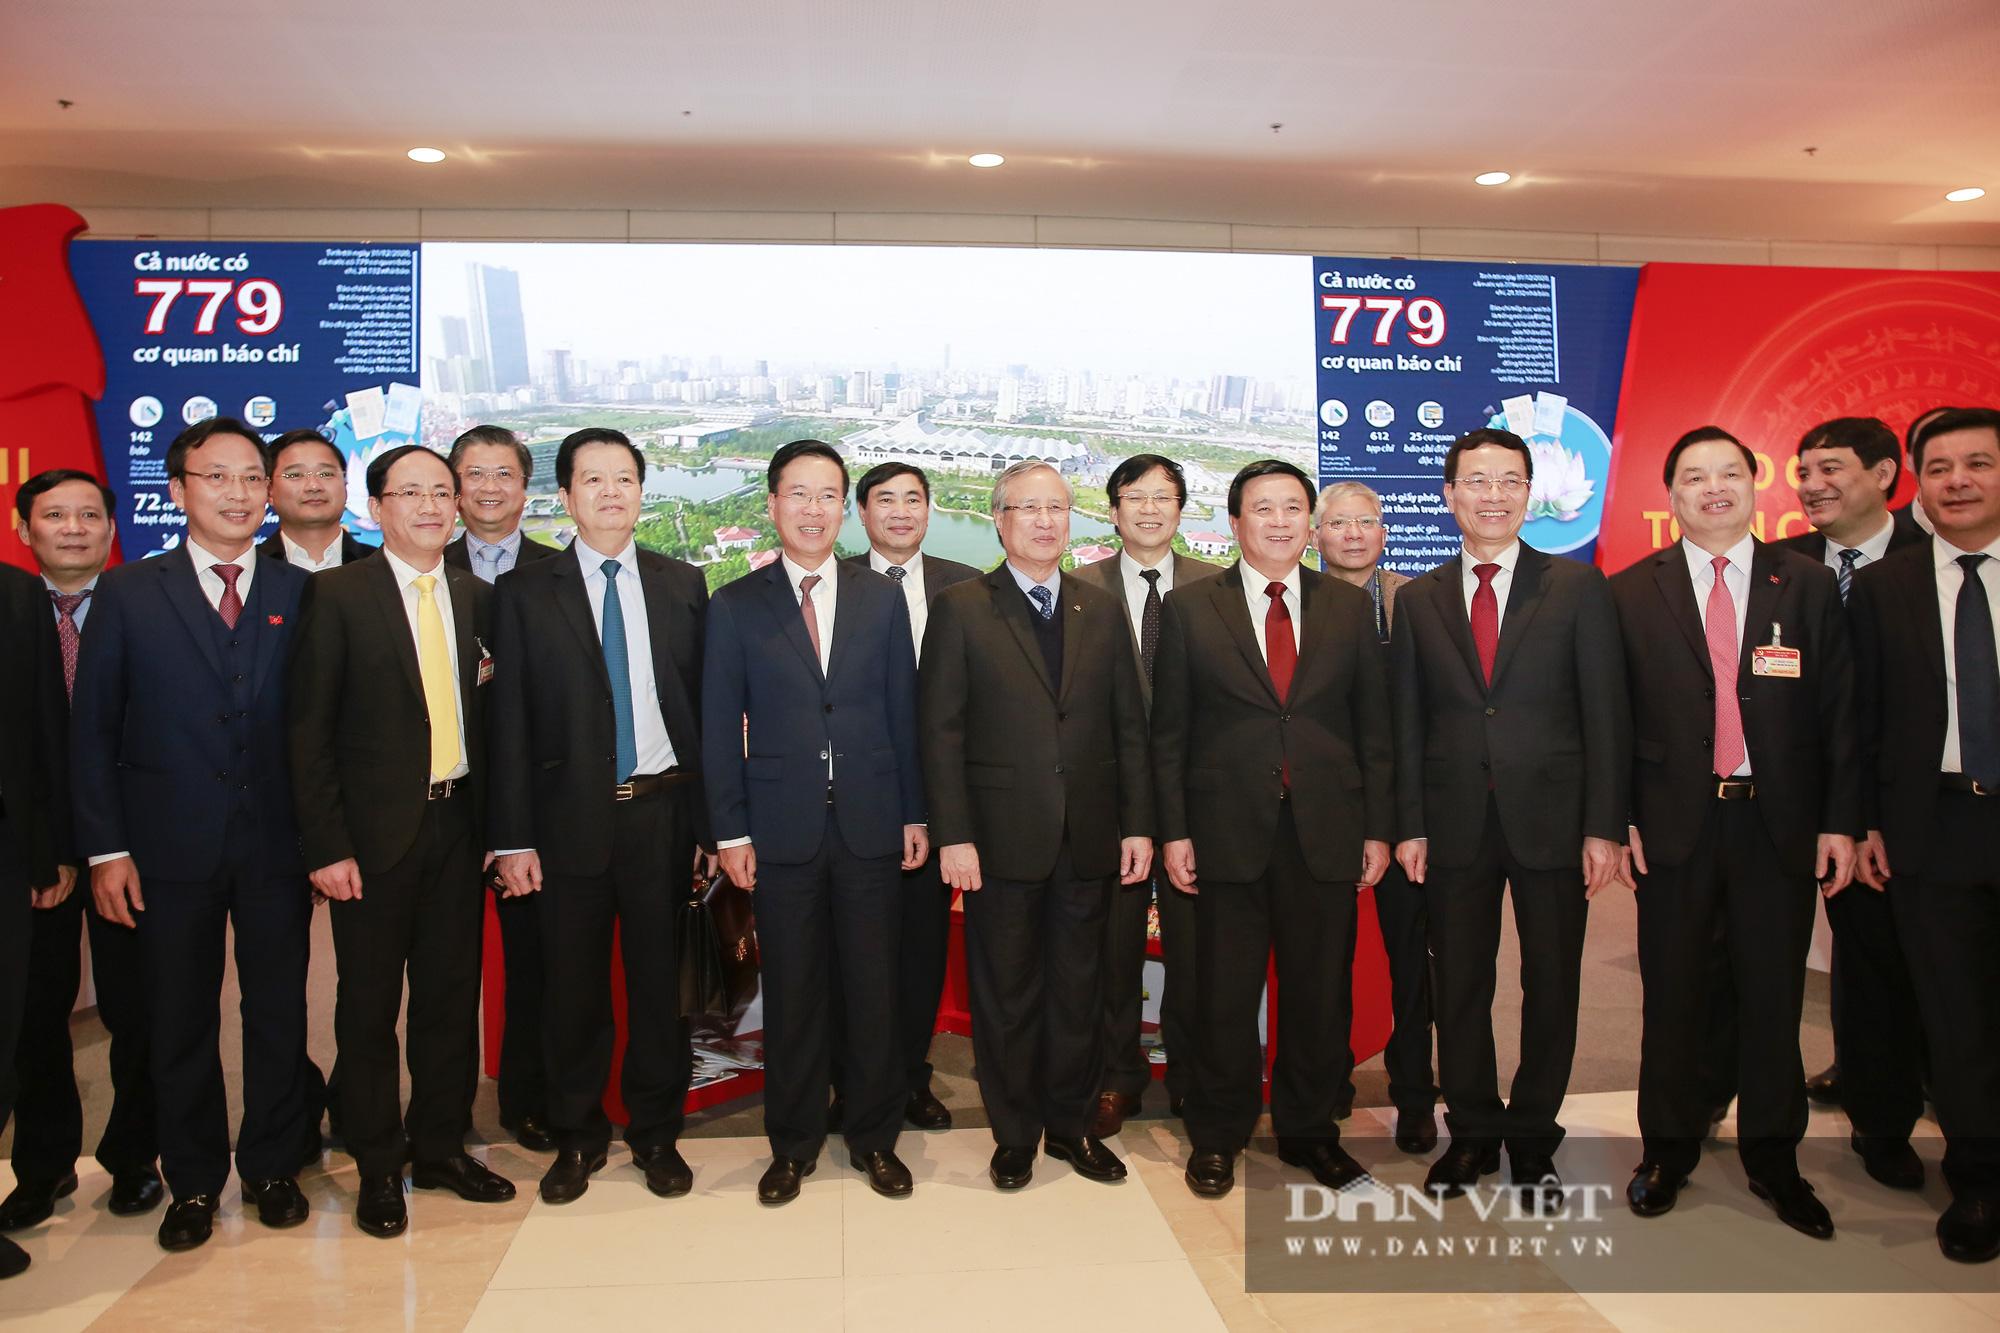 Khai trương trung tâm báo chí phục vụ Đại hội XIII của Đảng - Ảnh 11.